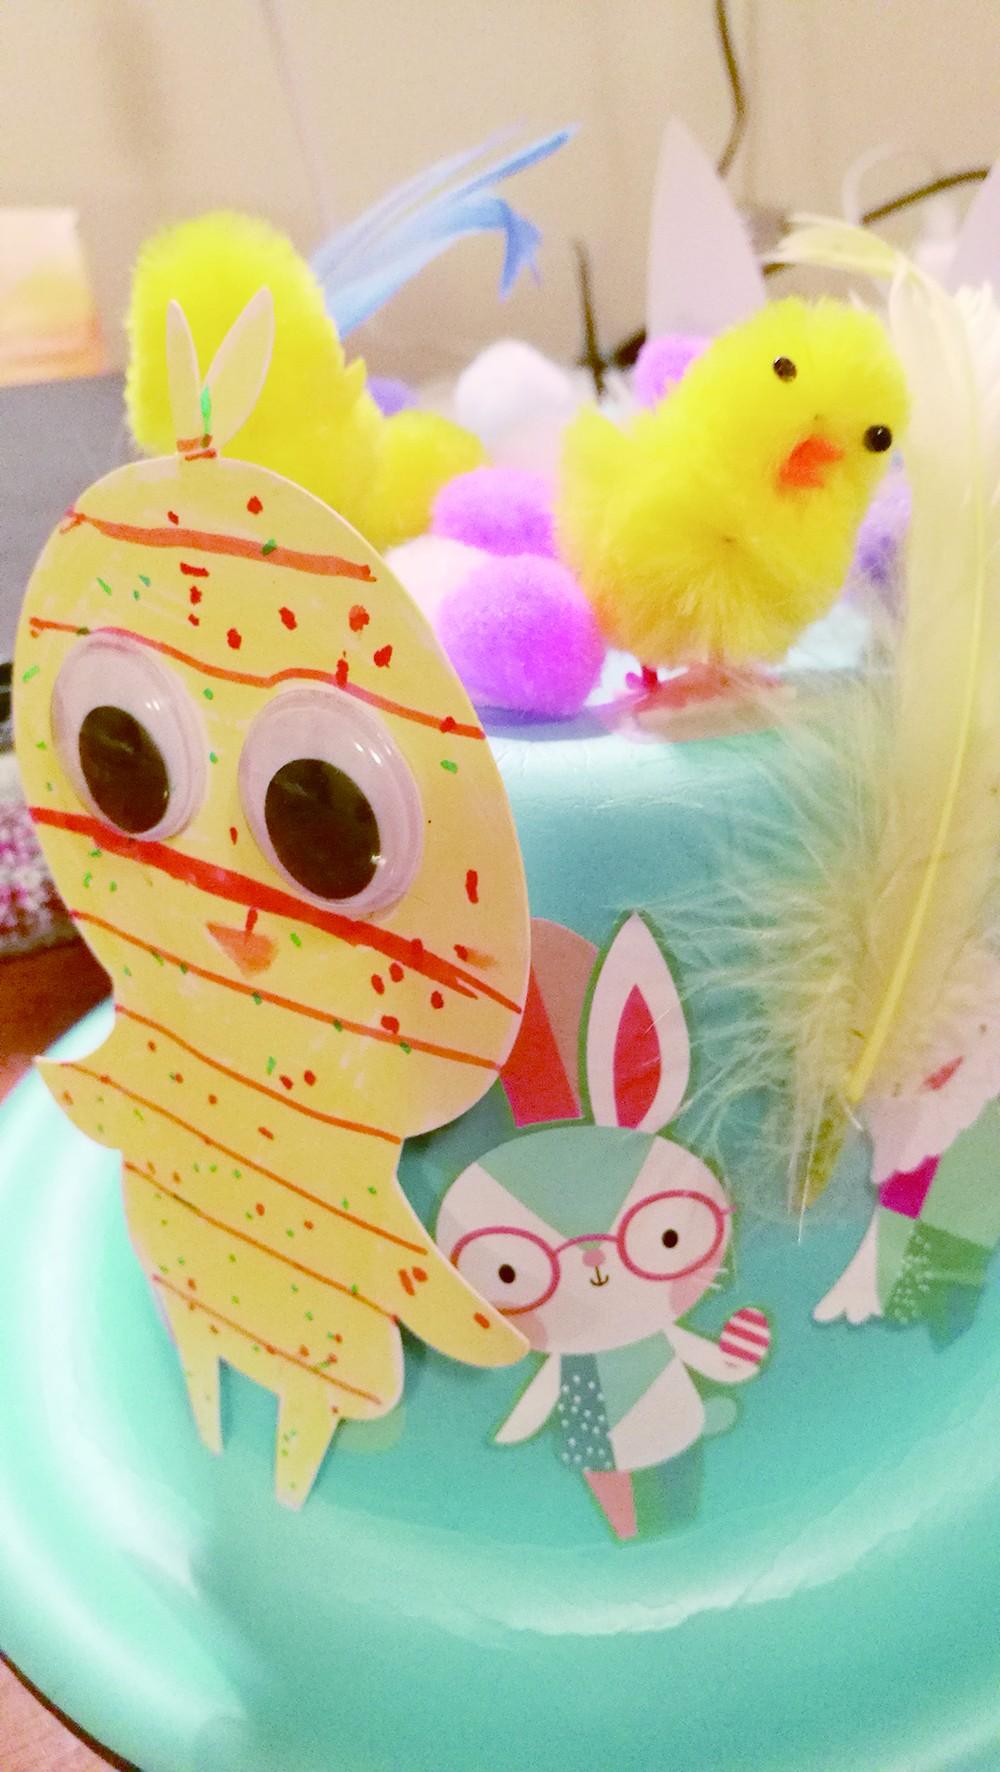 花帽上兔子和小鸡的造型完全由儿子设计,涂色画画,贴纸和装饰物贴在